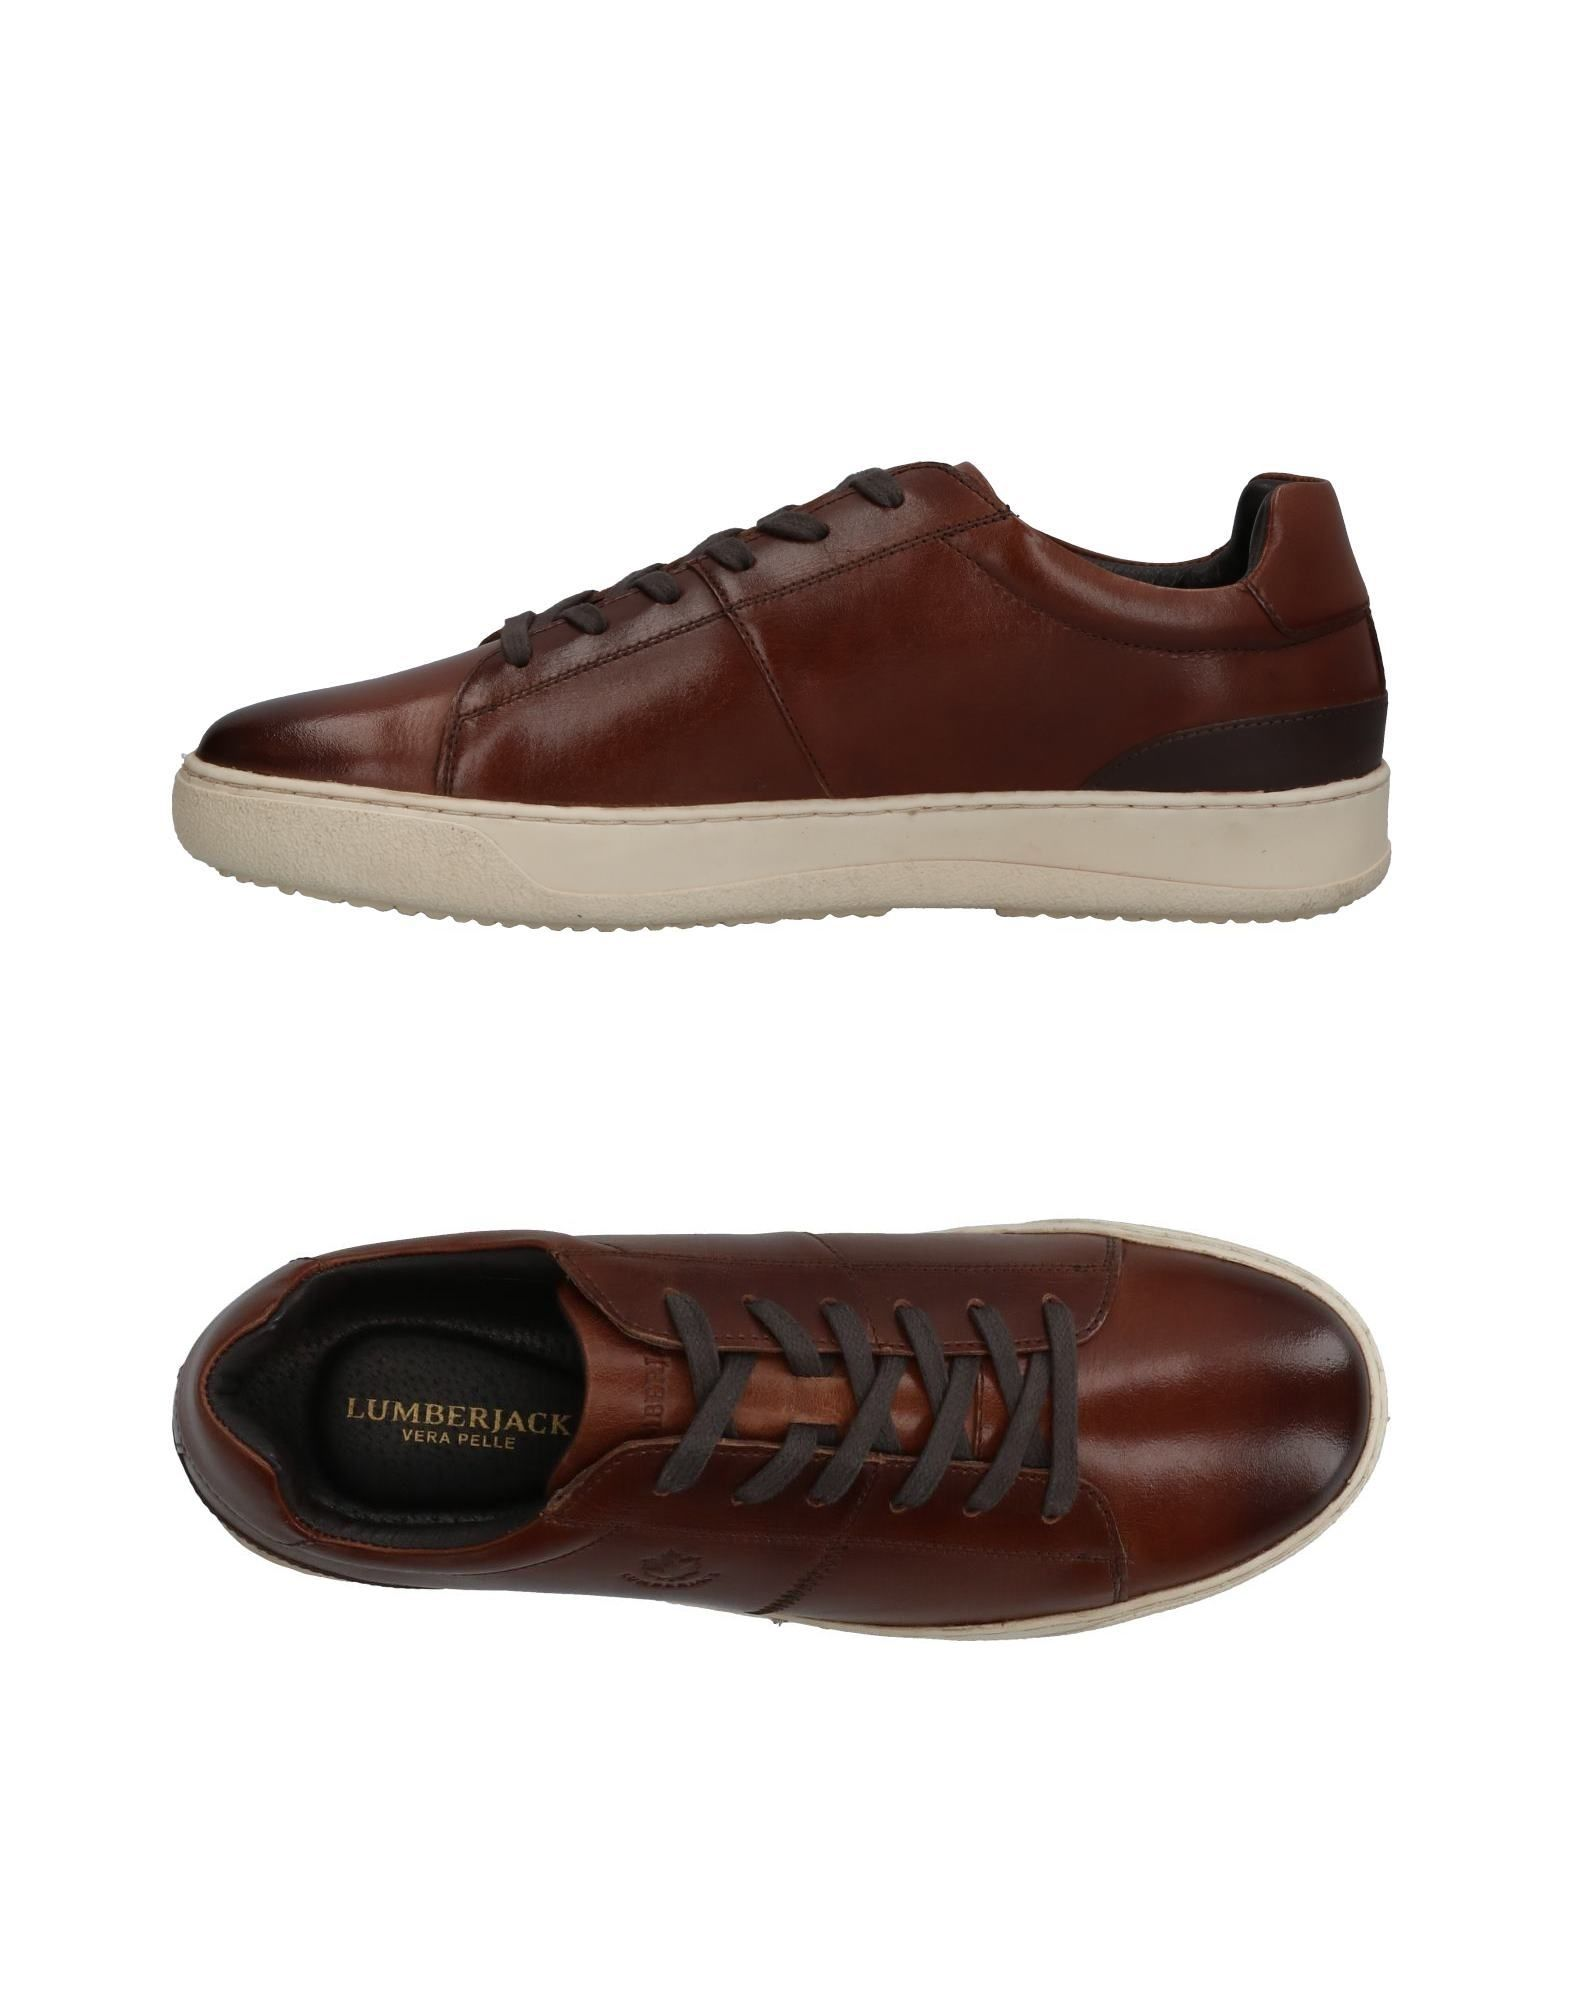 Herren Lumberjack Sneakers Herren   11344804IB Heiße Schuhe 469cce